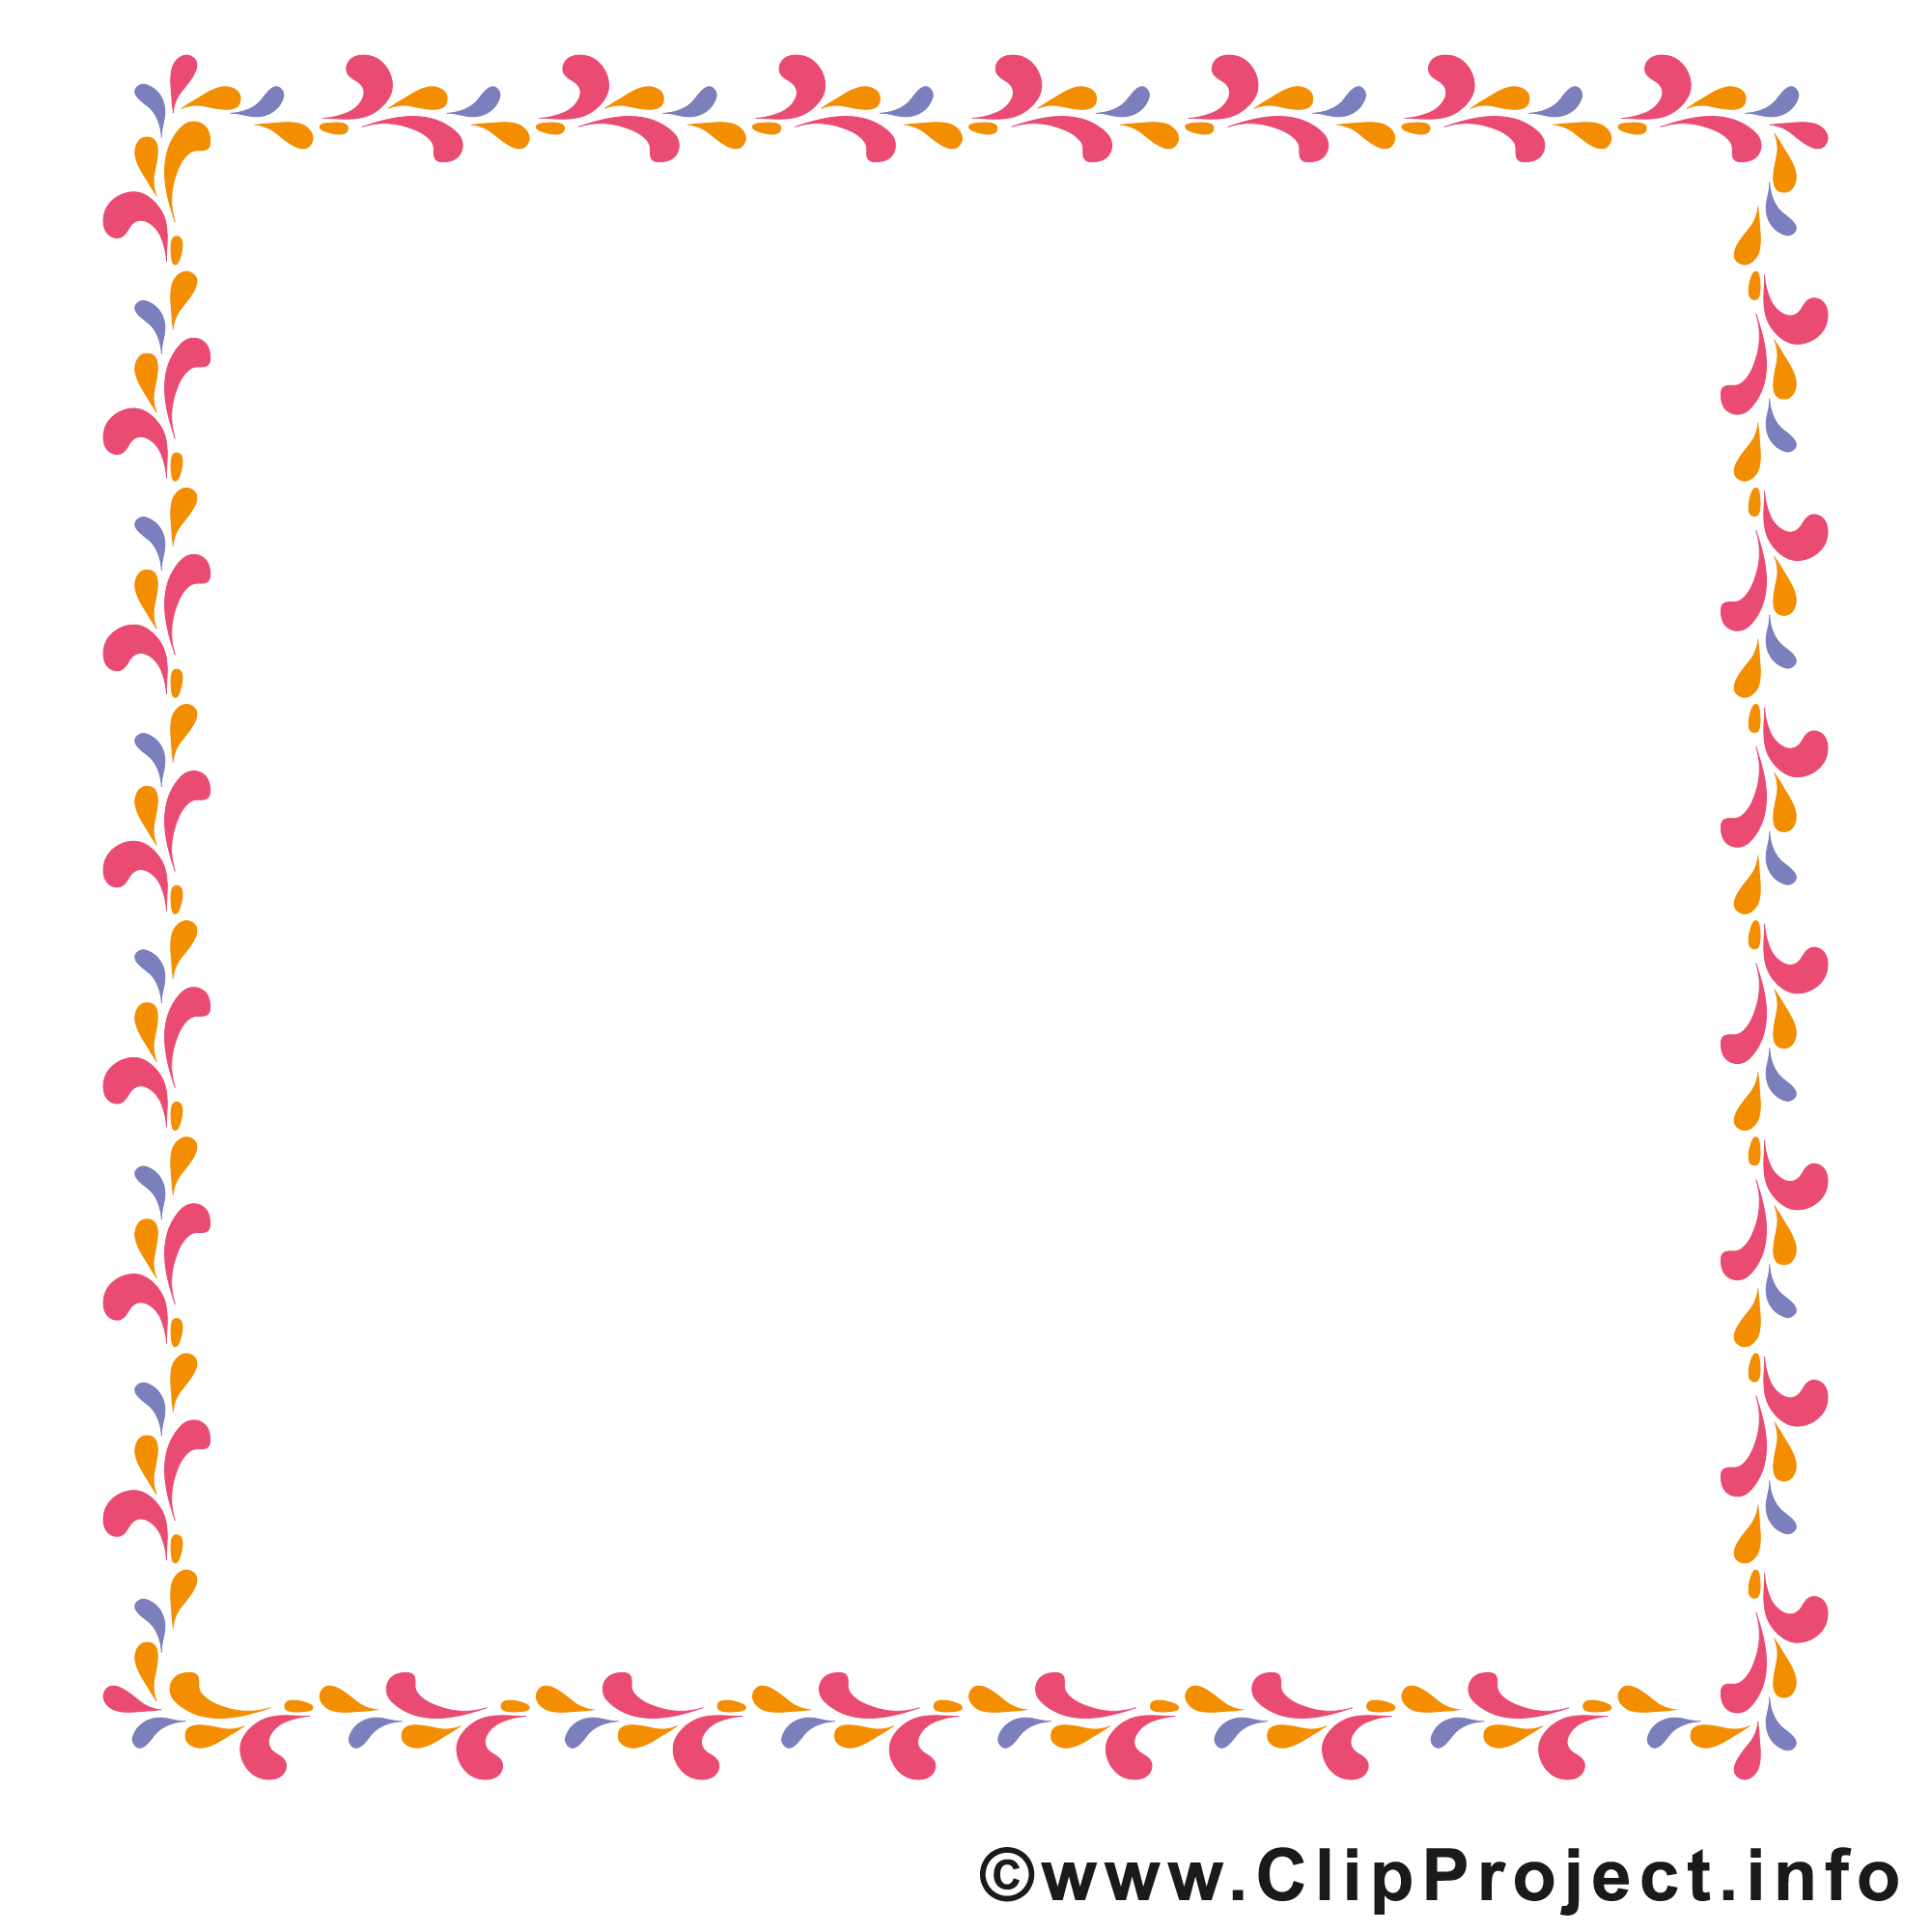 Bordure dessins gratuits – Cadre clipart - Cadres dessin ...